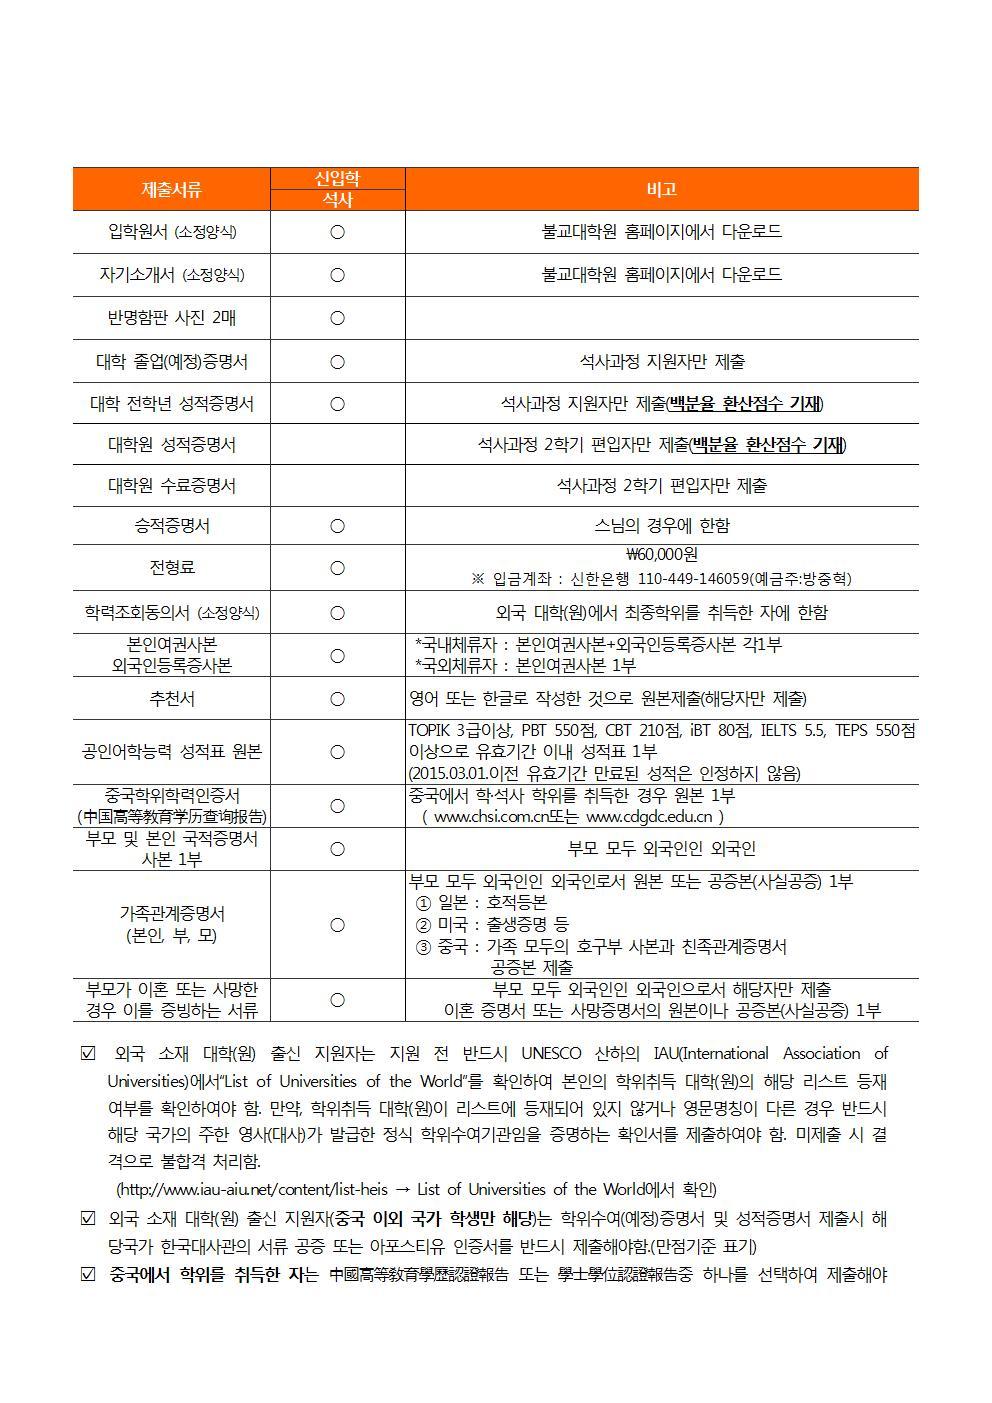 (홈페이지 게시용) 불교대학원 2017학년도 전기 신입생 3차모집 요강003